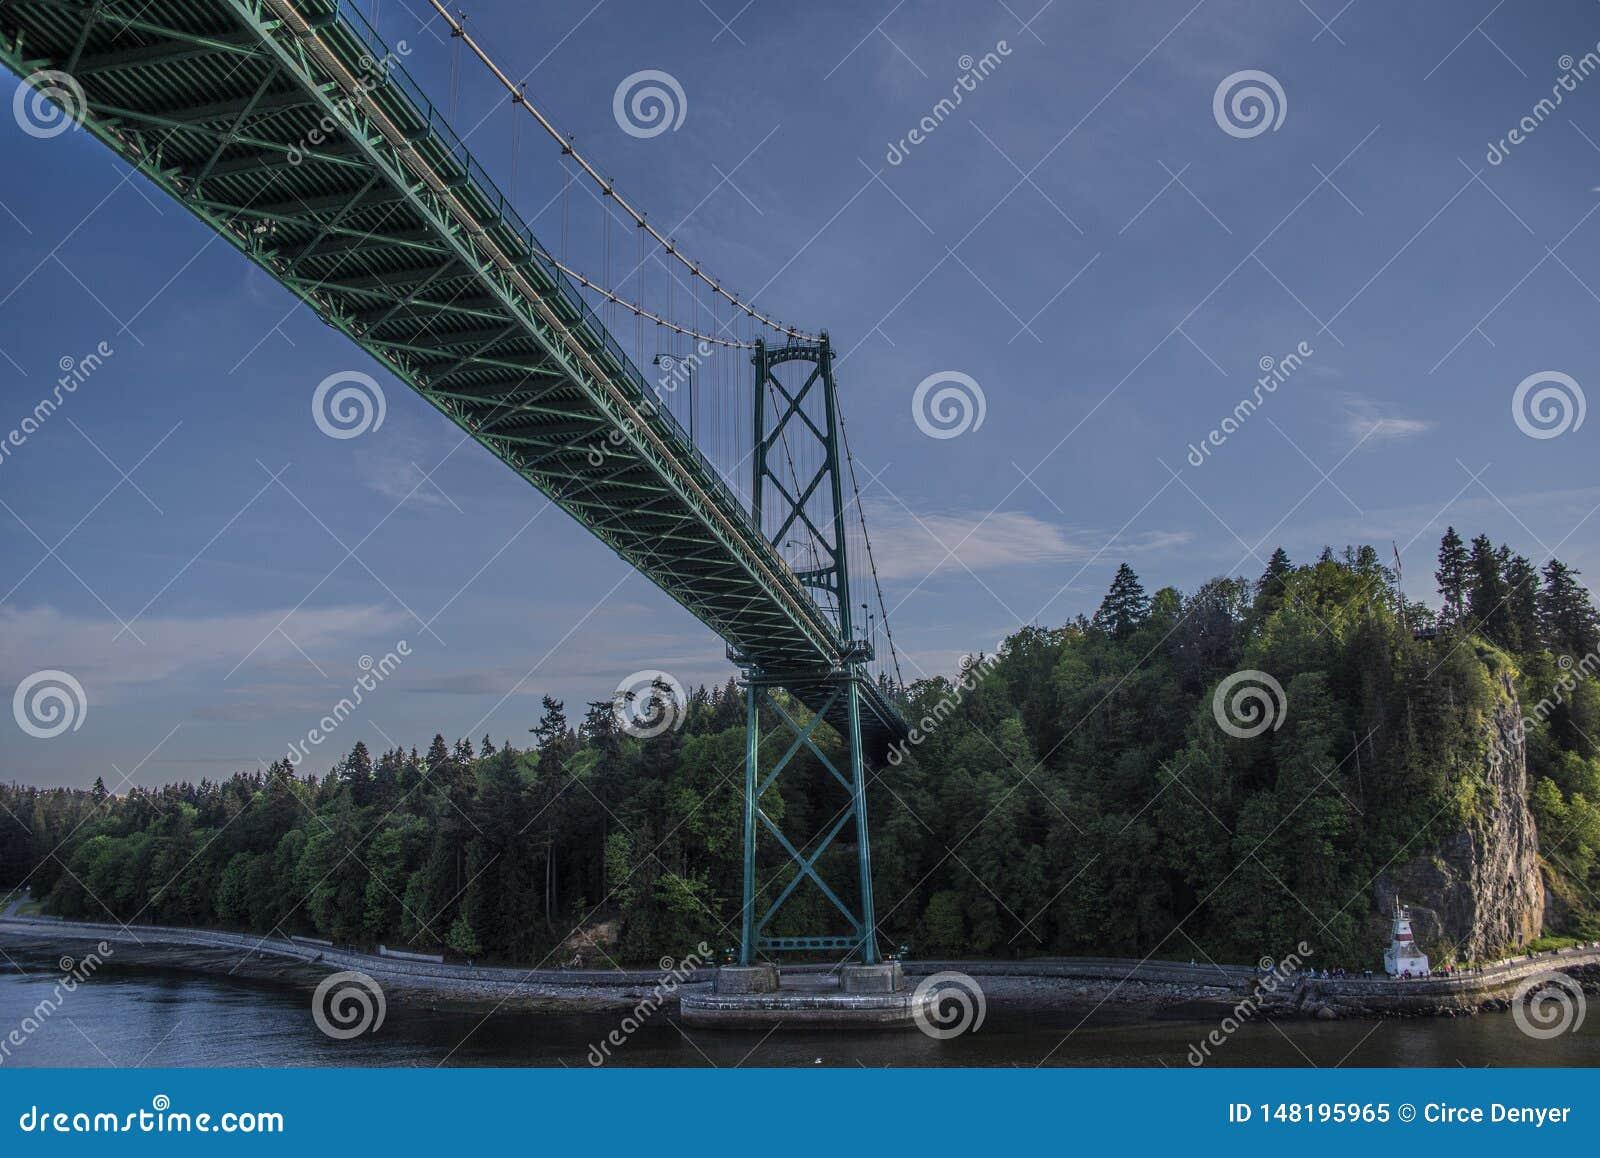 Περάσματα κρουαζιερόπλοιων κάτω από τη γέφυρα πυλών λιονταριών στο ιστορικό πέρασμα